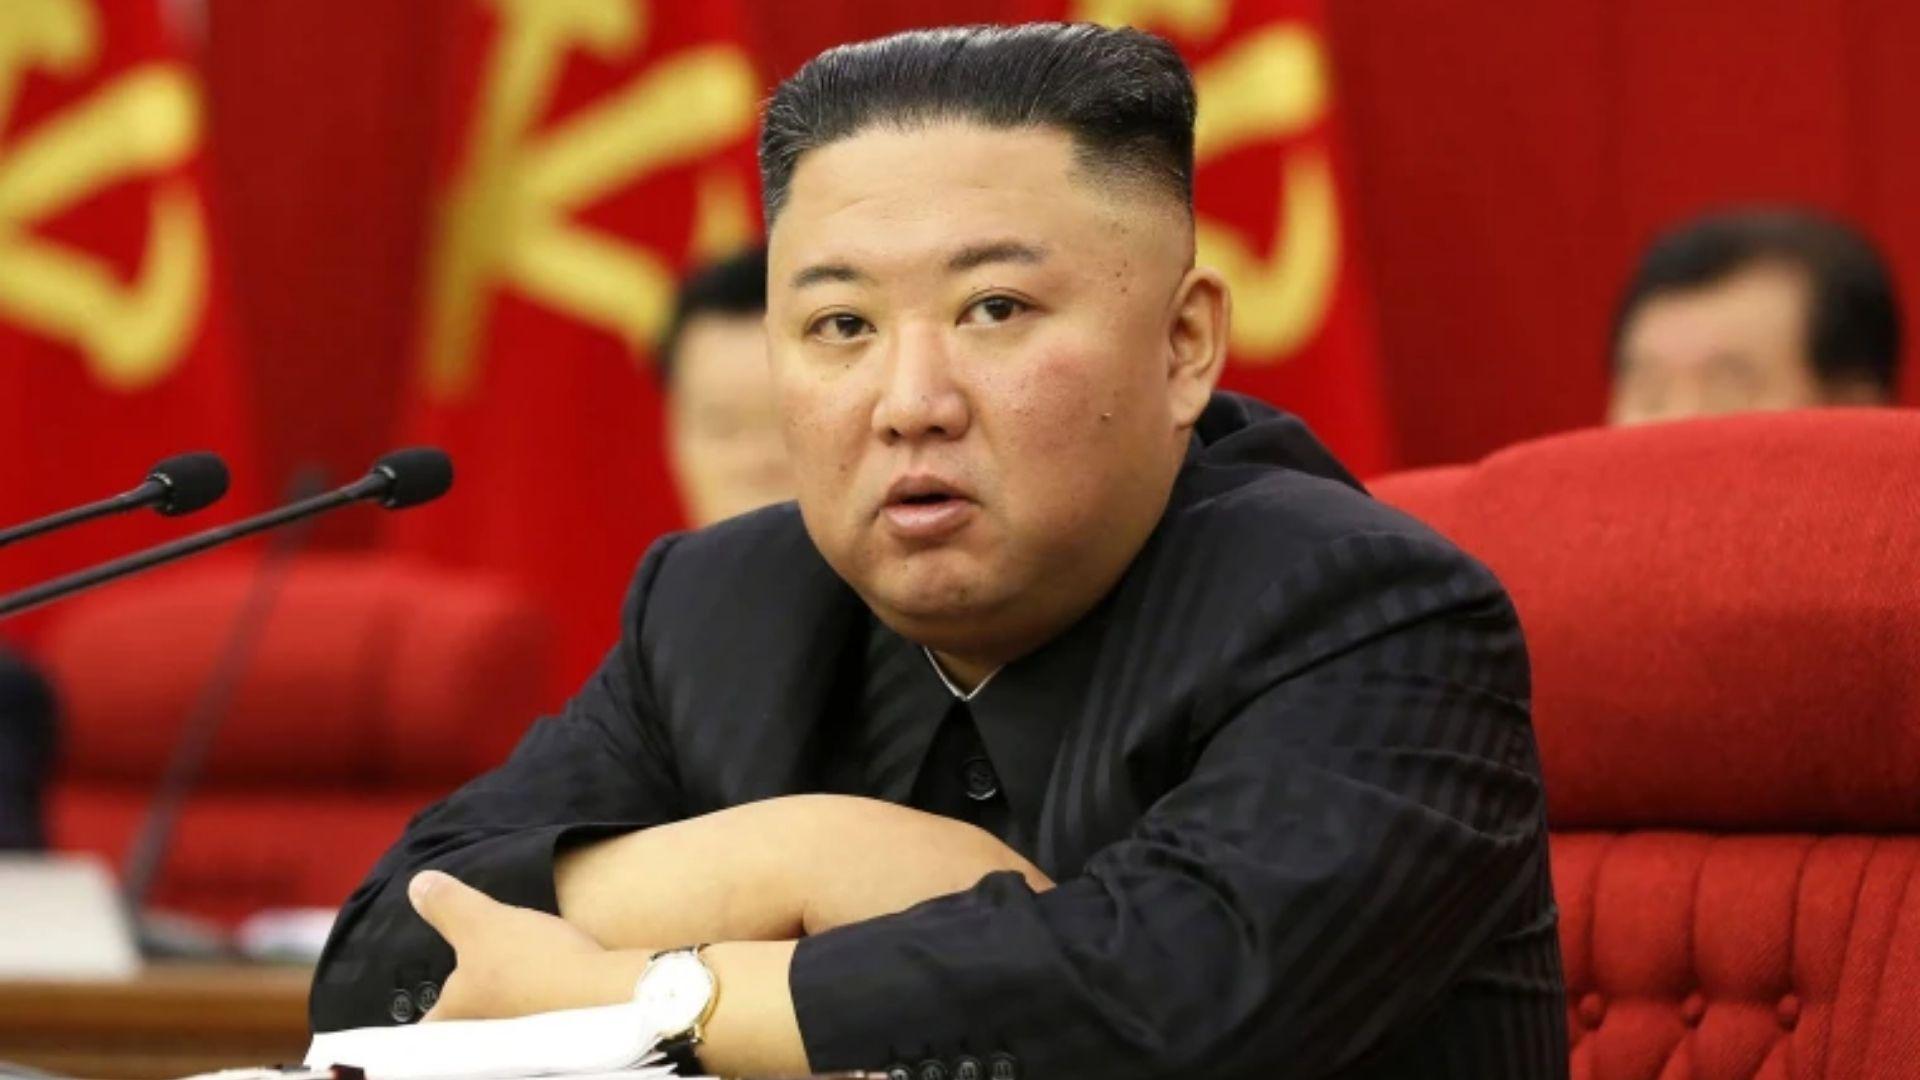 Kim Jong-un admite crise alimentar na Coreia do Norte, mas culpa clima e pandemia